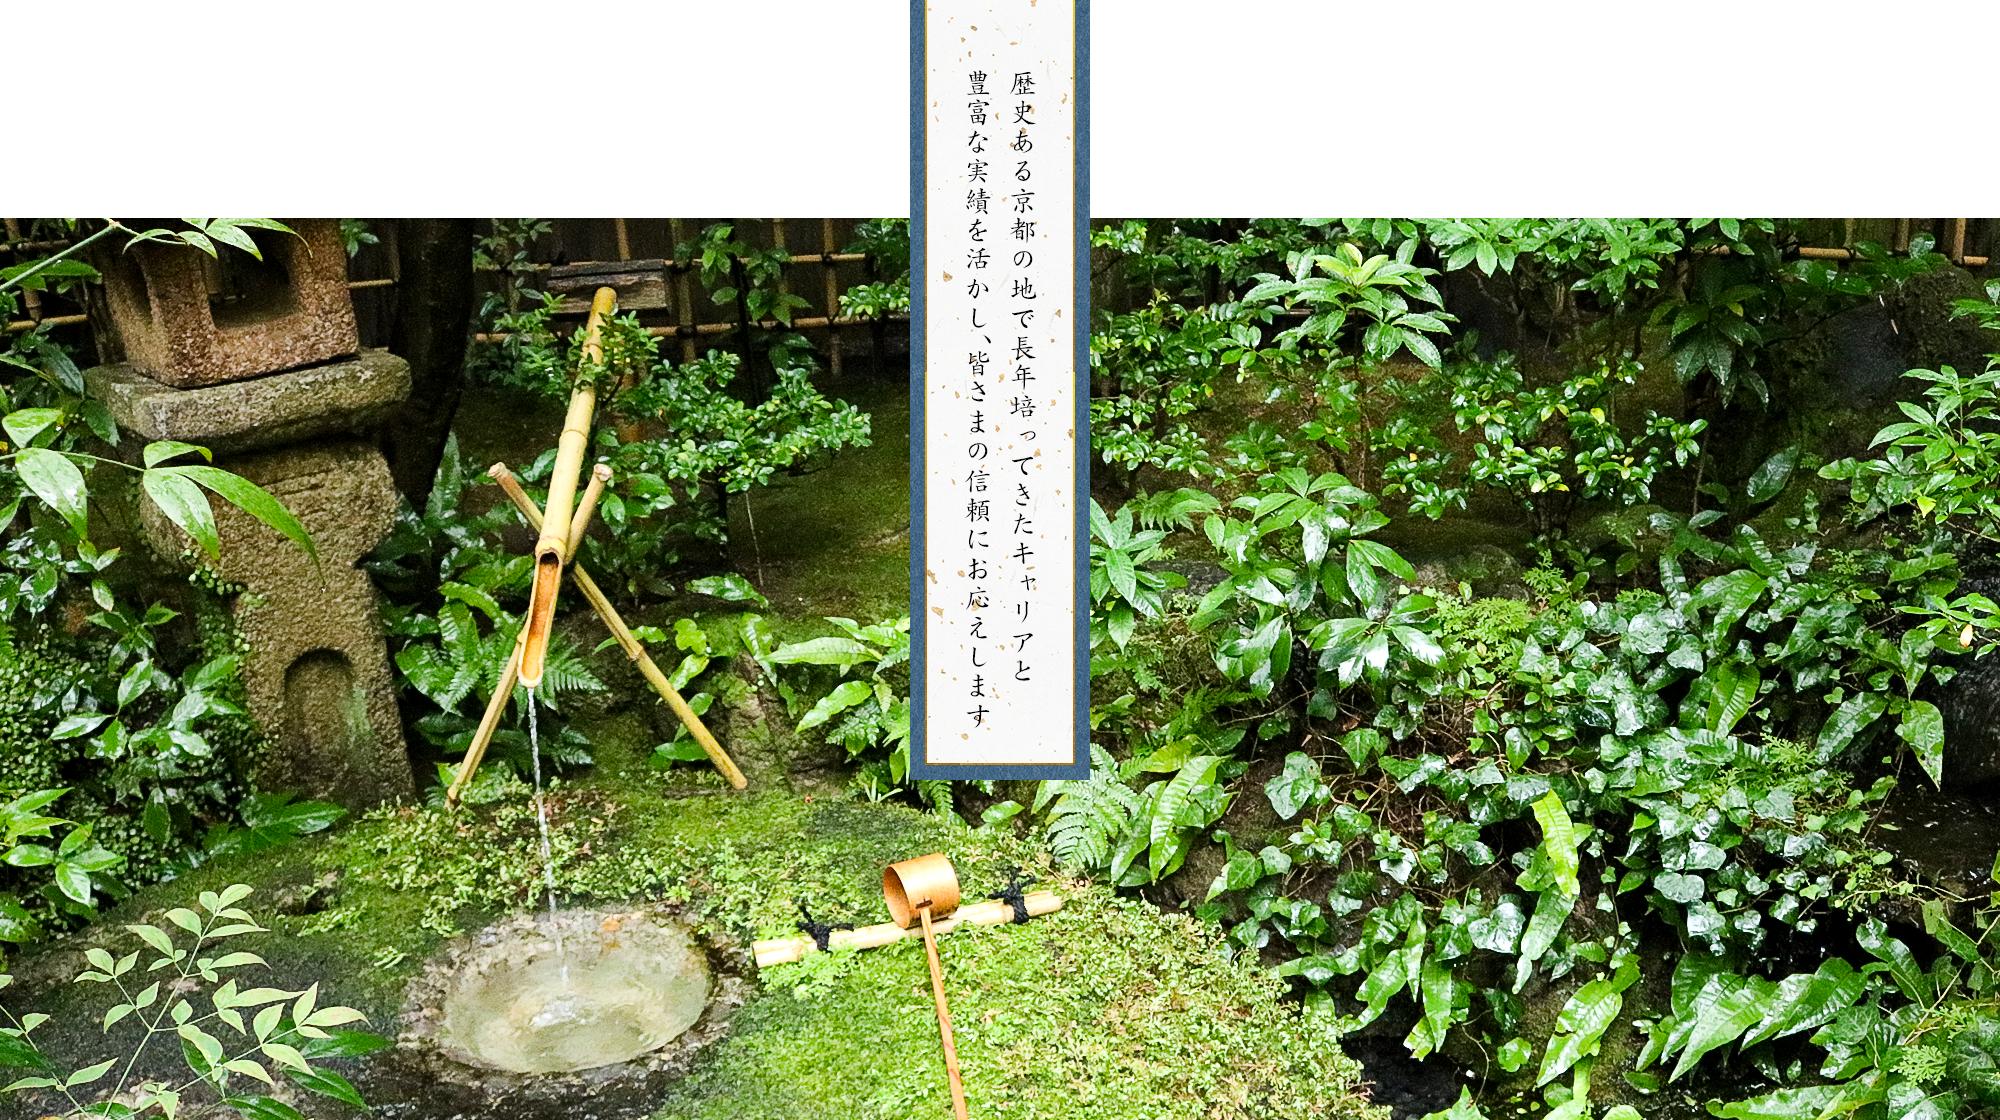 京都で70年。長年培ってきたキャリアと豊富な実績を活かし、信頼にお応えします